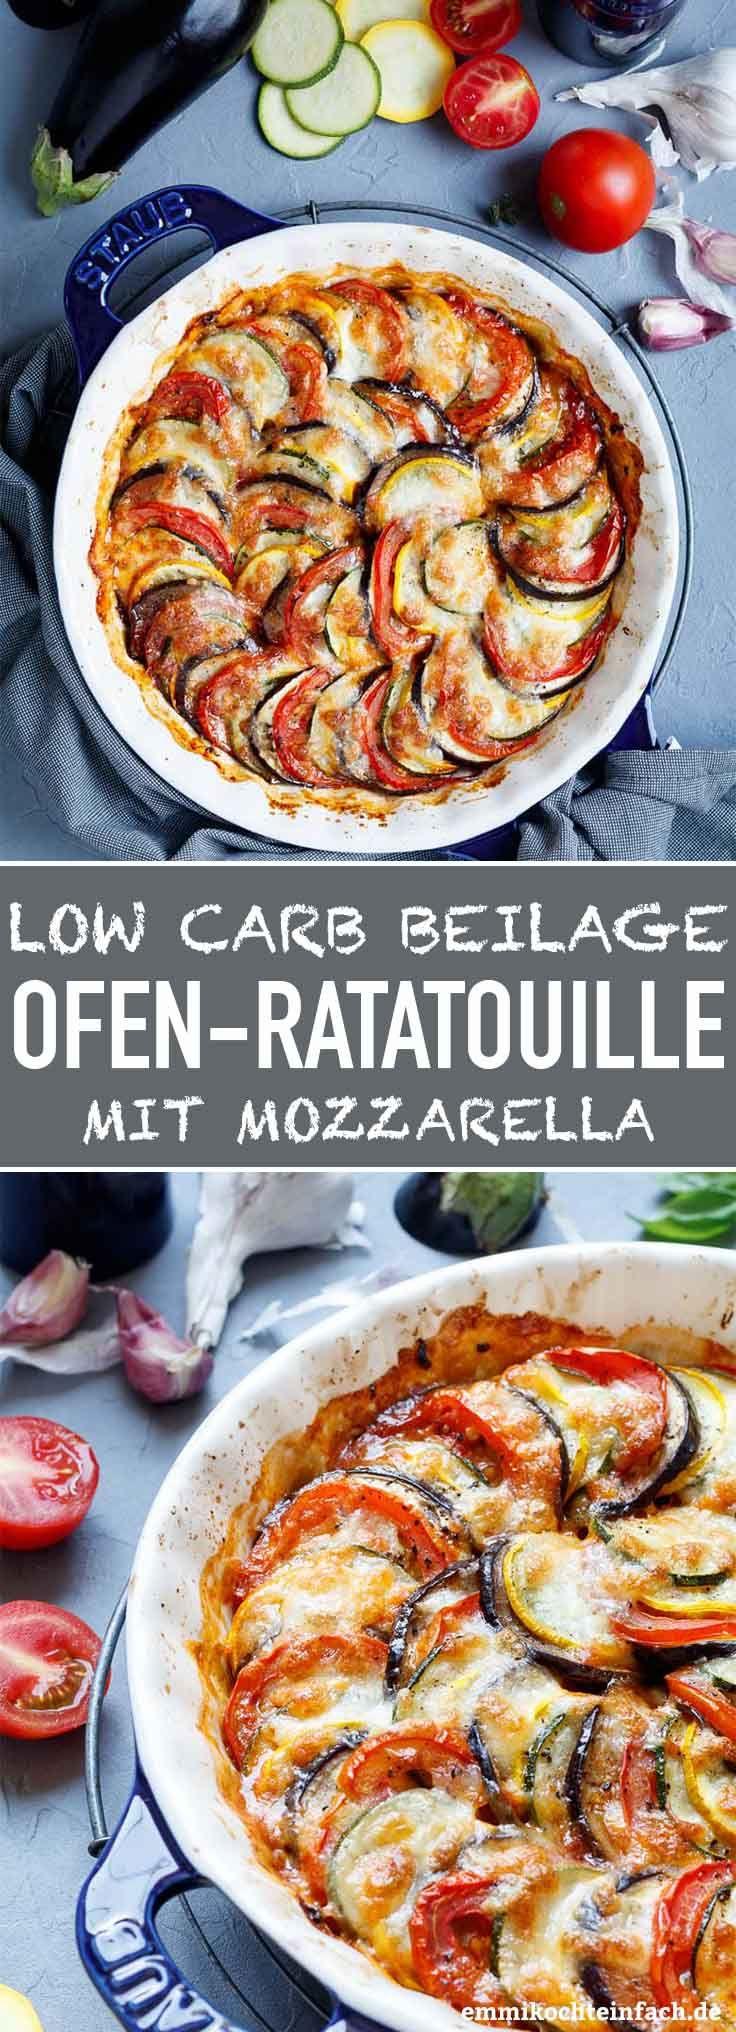 Ratatouille aus dem Ofen mit Mozzarella #lowcarbveggies